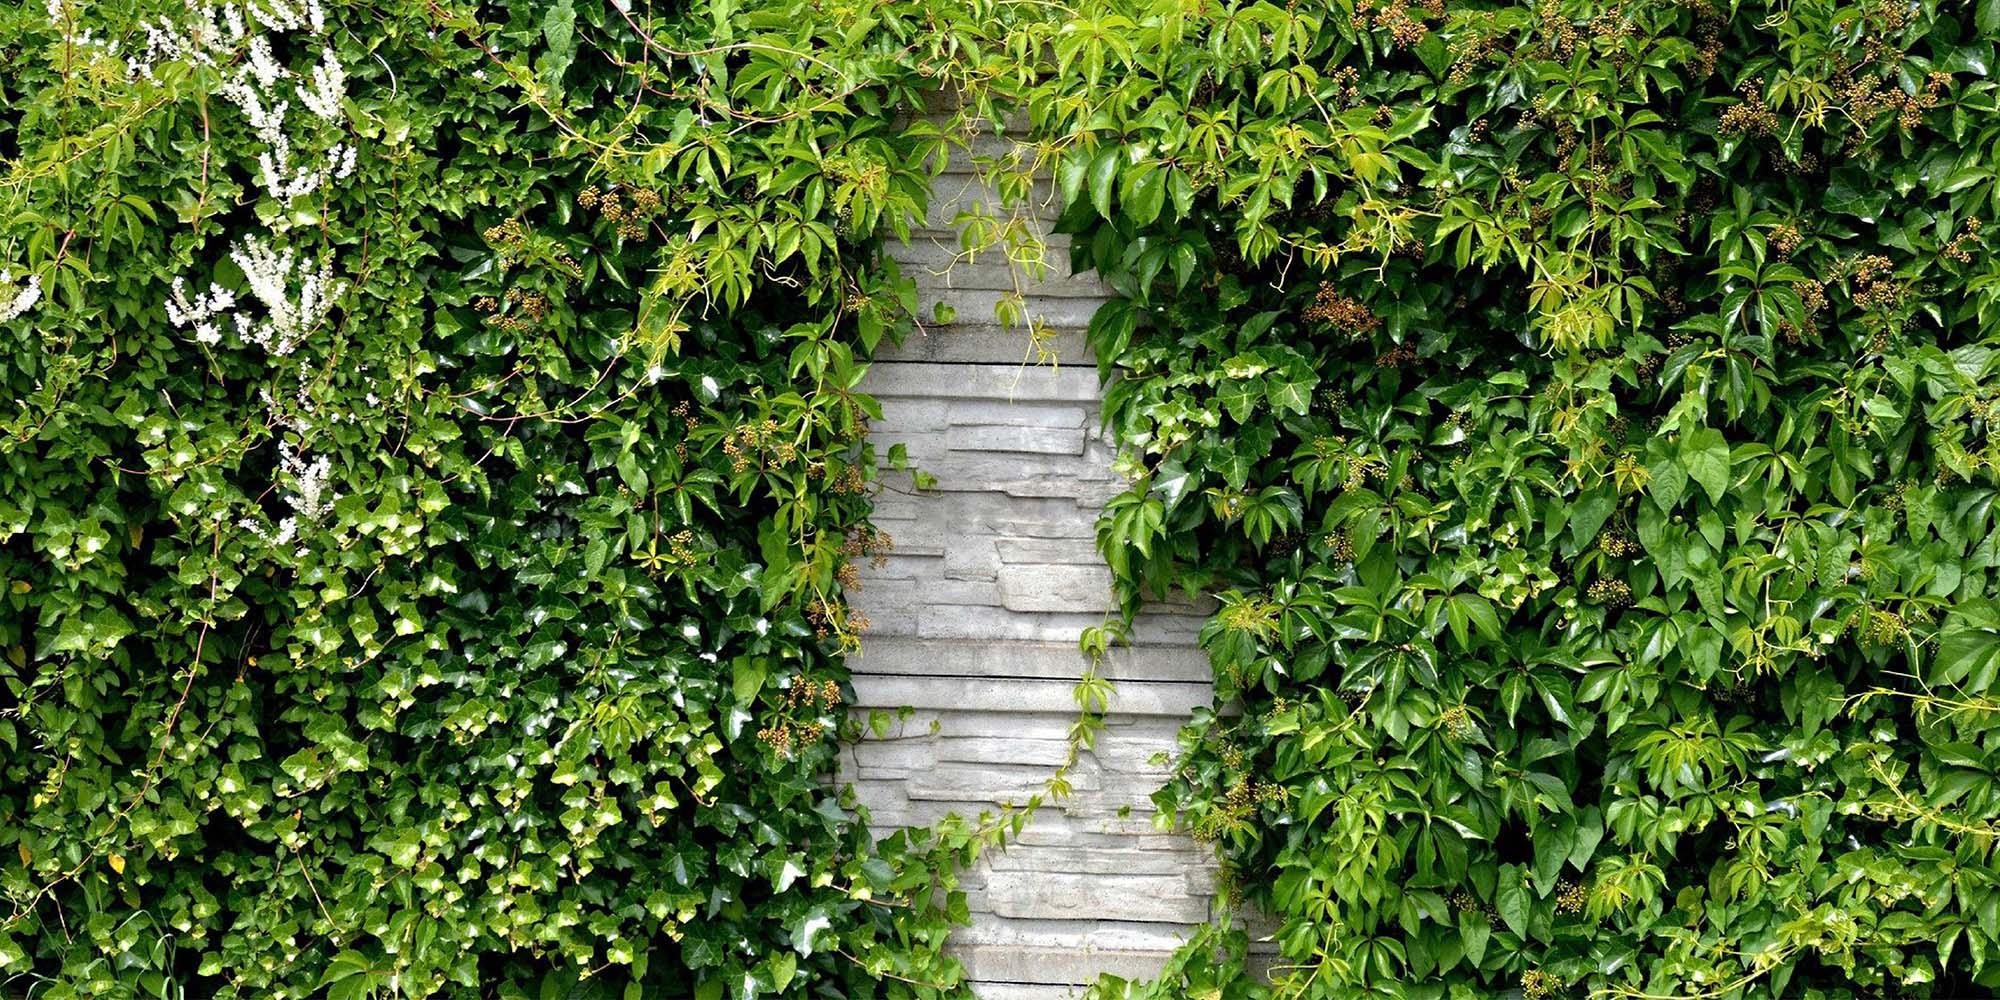 plants_trees_around_concrete